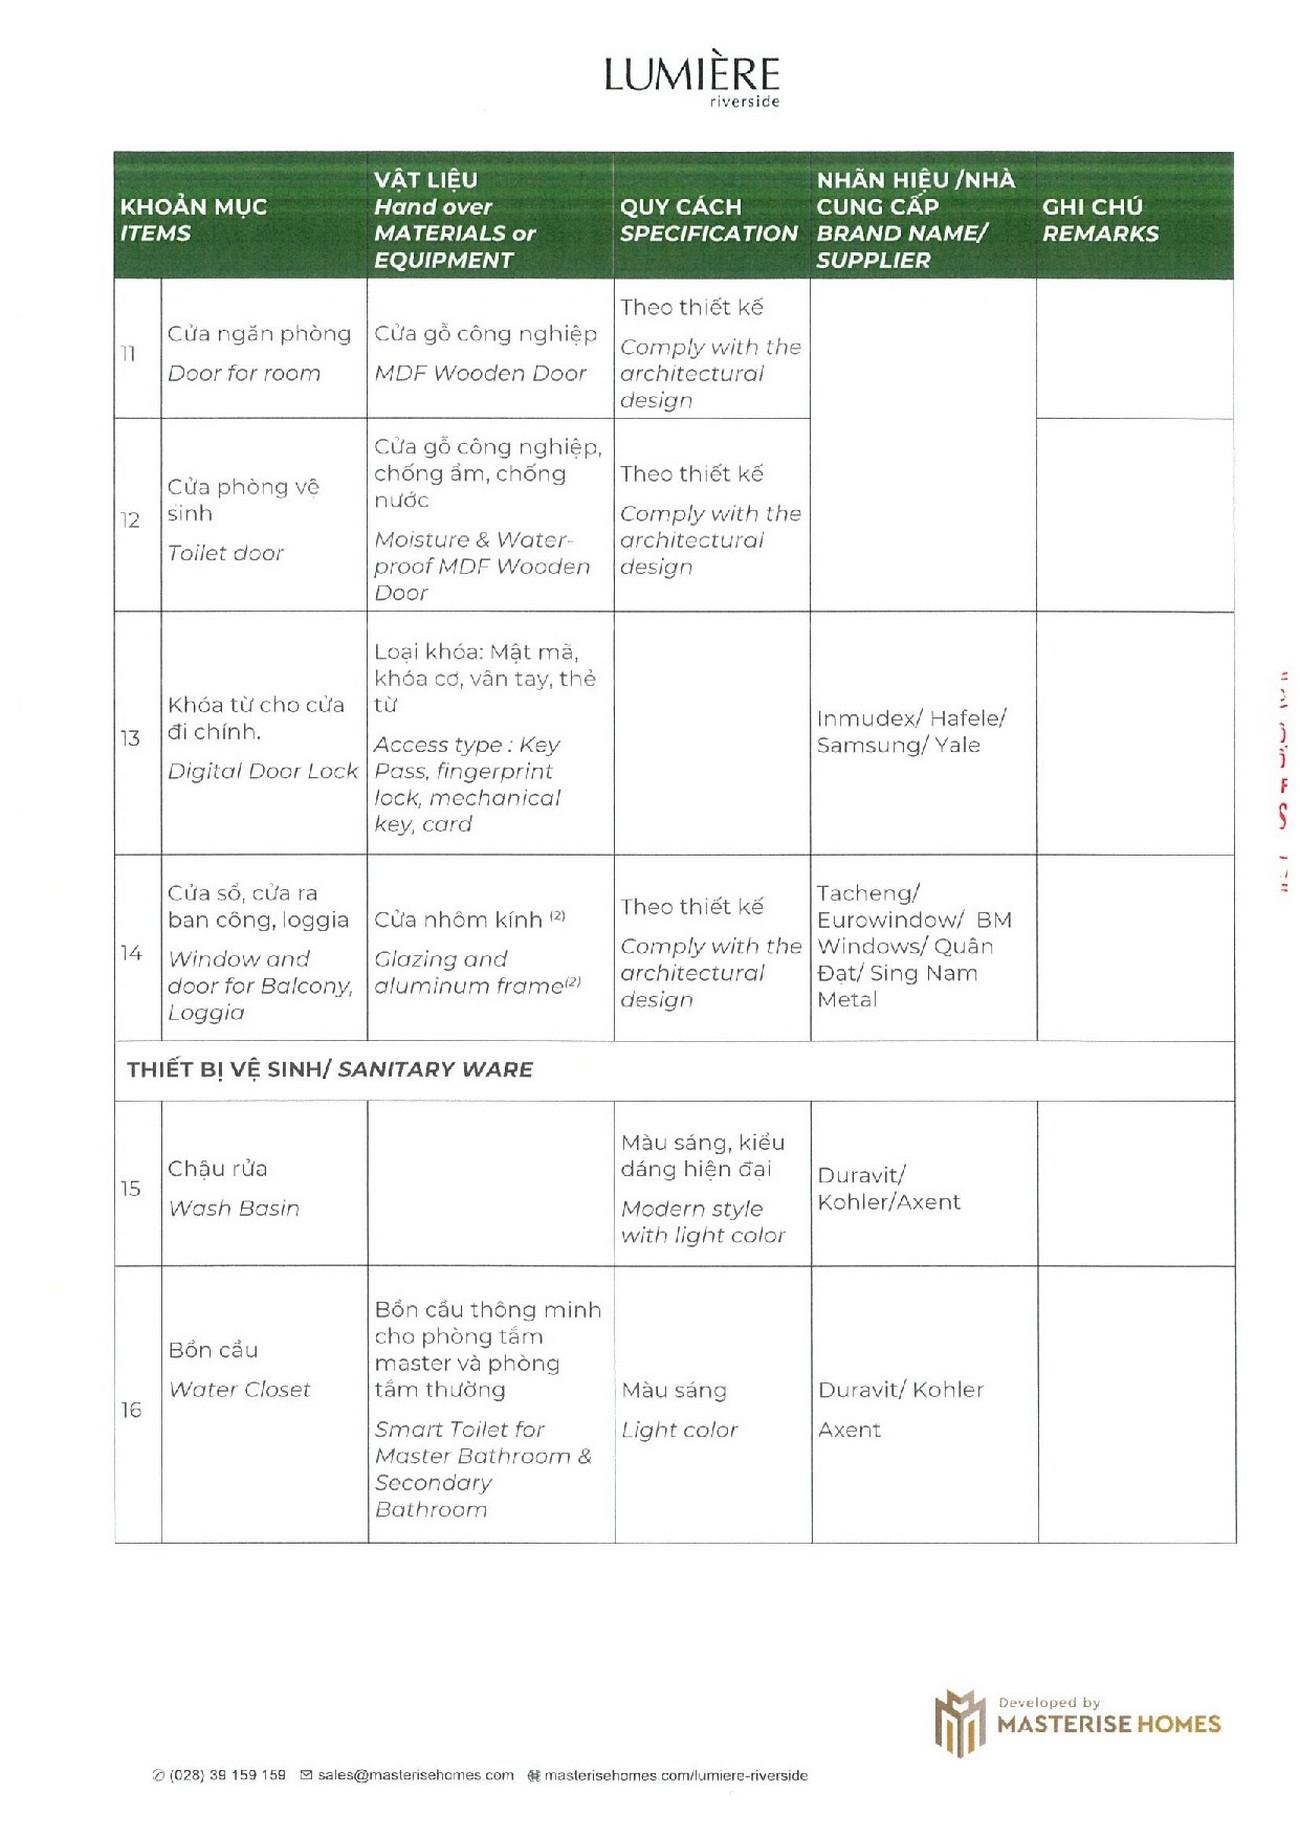 Cập nhật bảng giá Masteri Lumiere Riverside | GIÁ BÁN & ƯU ĐÃI【 03/2021】Từ Masterise Homes 2021 18